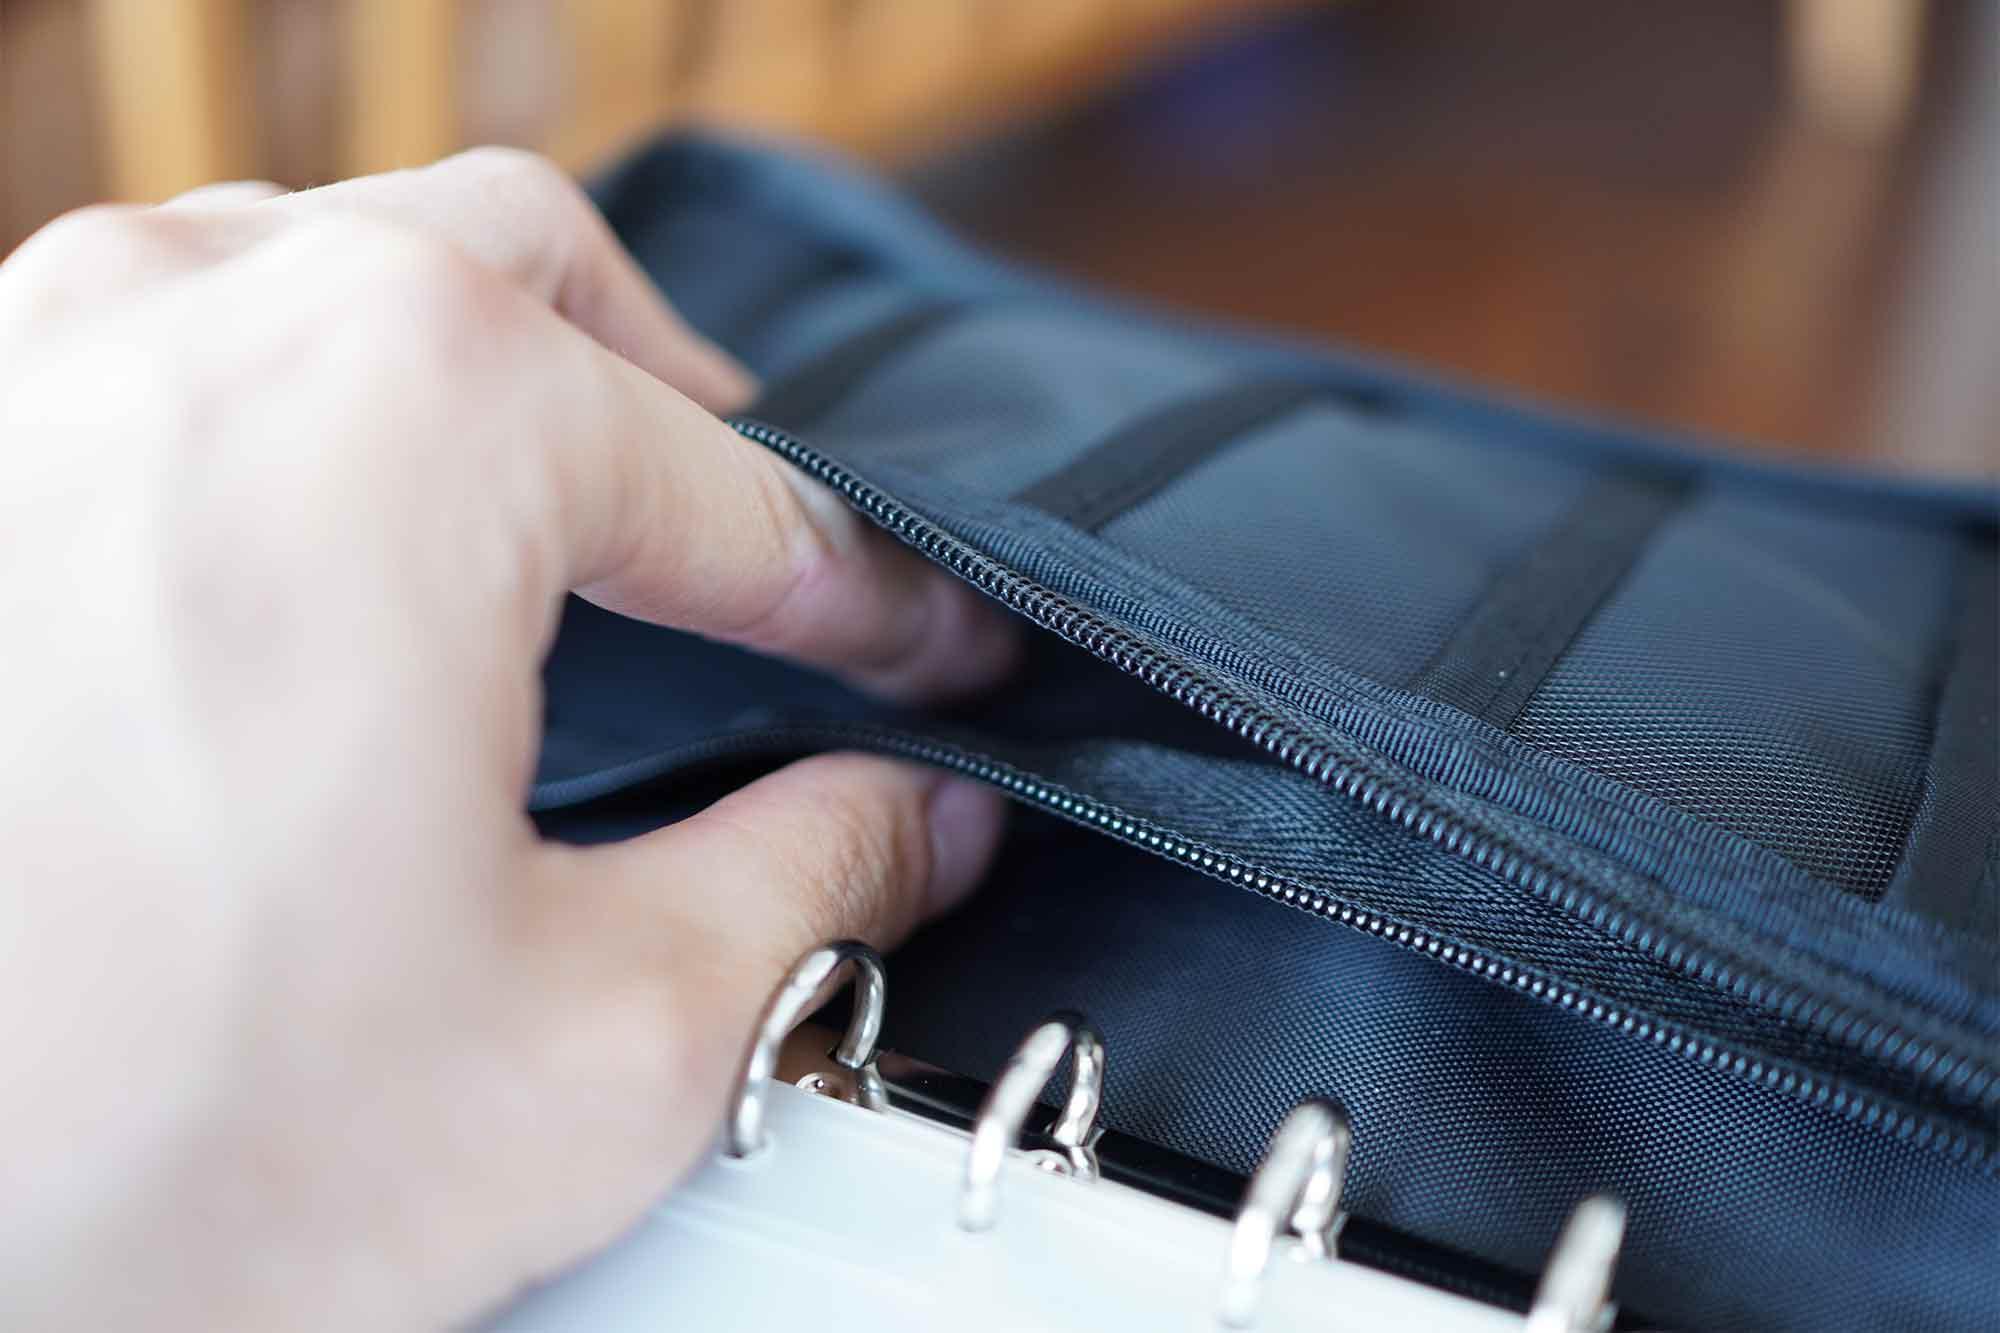 無印良品,パスポートケース,収納,便利,通帳,安い,ポケット